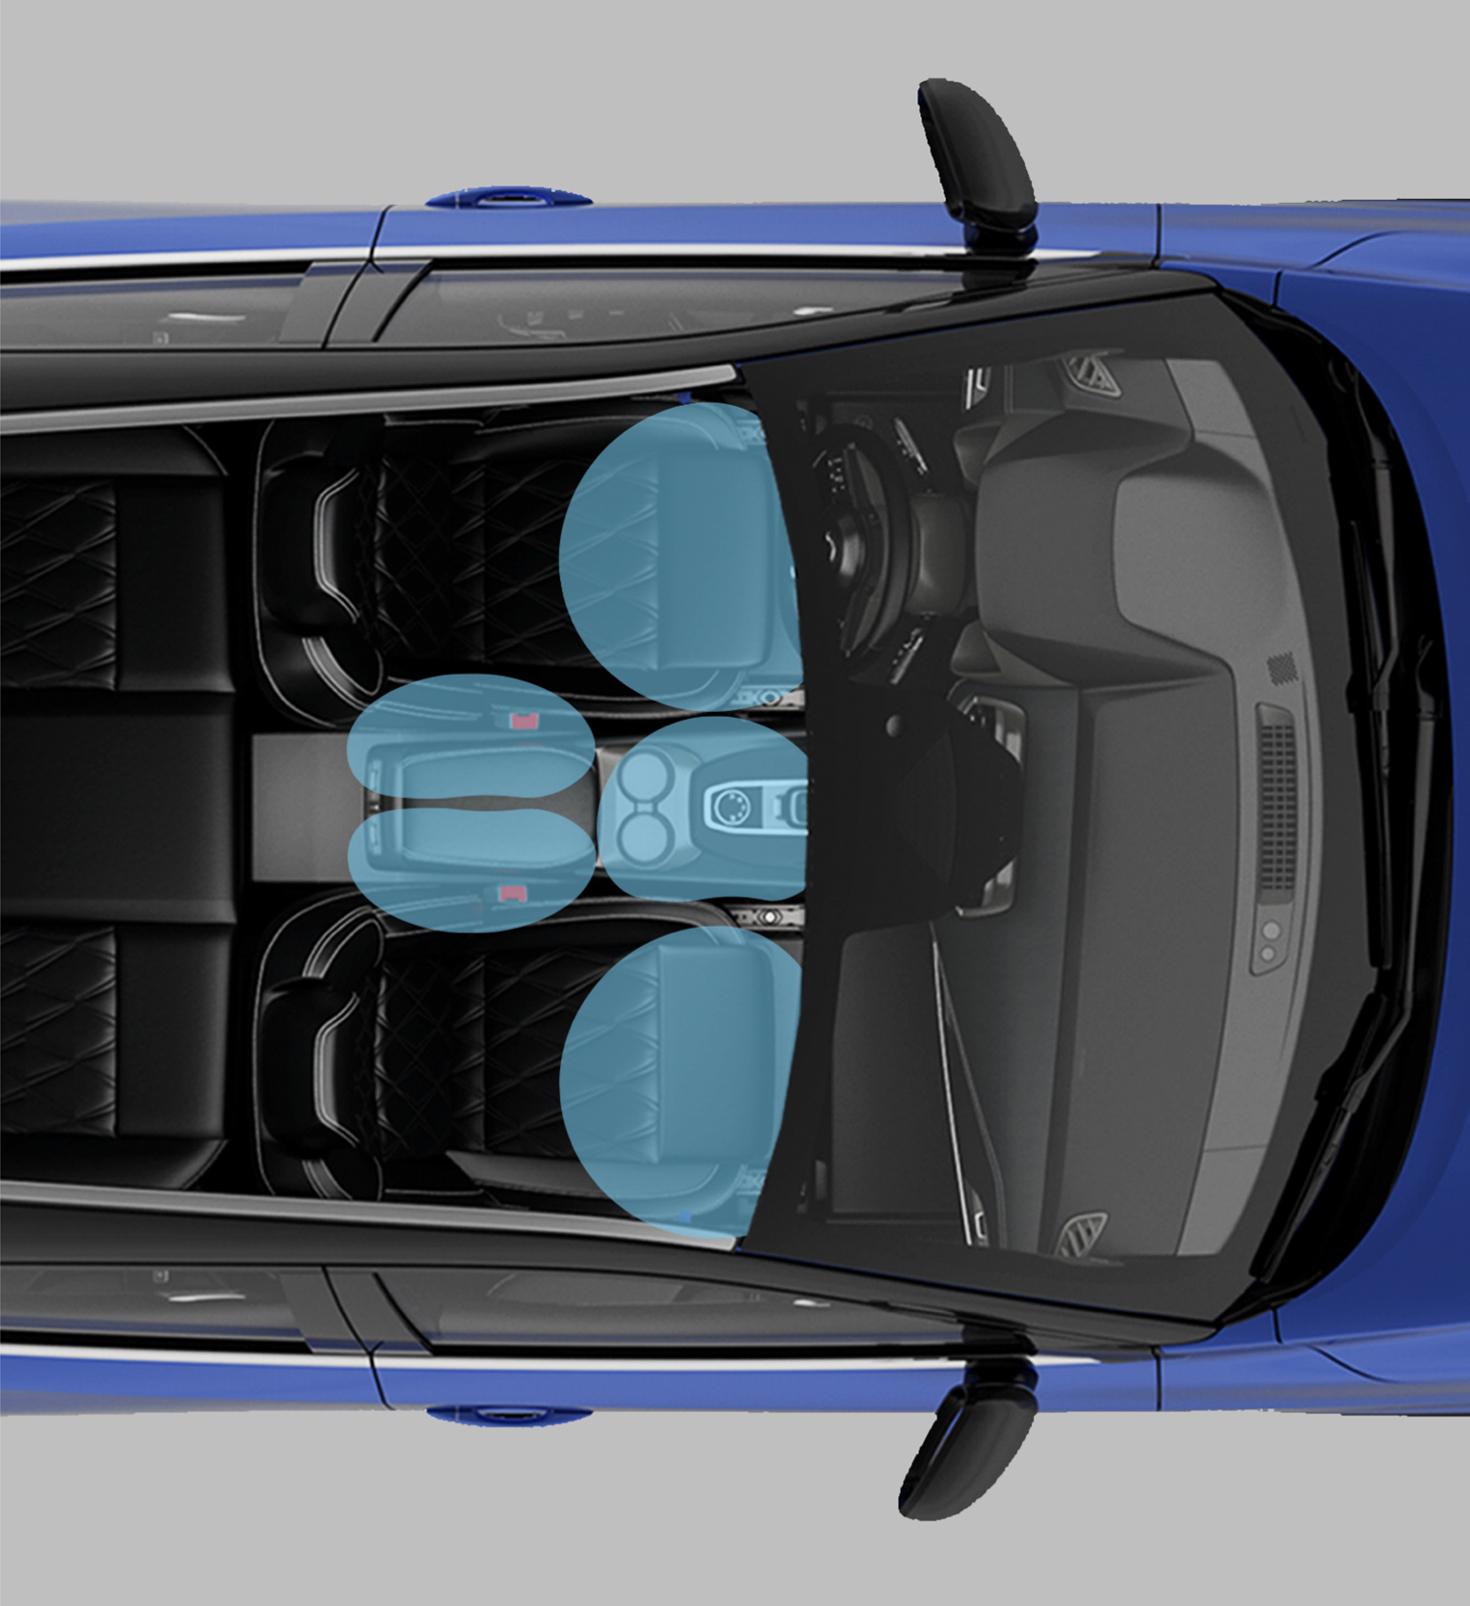 Nissan Qashqaiinteliģentā nejaušas braukšanas joslas maiņas novēršanas palīgsistēma.